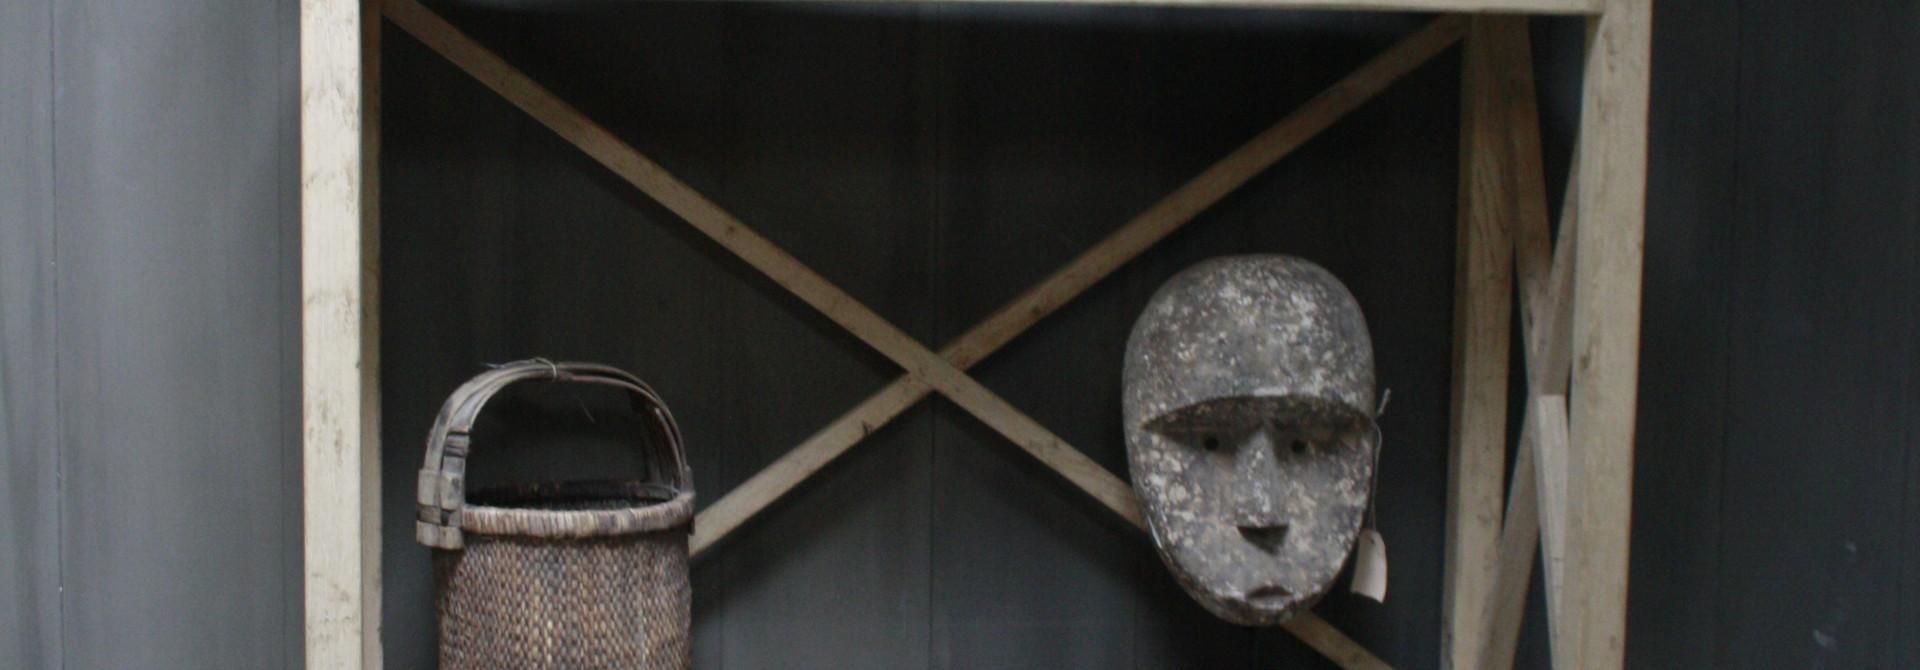 Ralph Lauren Avaro Hoge Houten Open Kast 237 cm 3-vaks Ralp Lauren